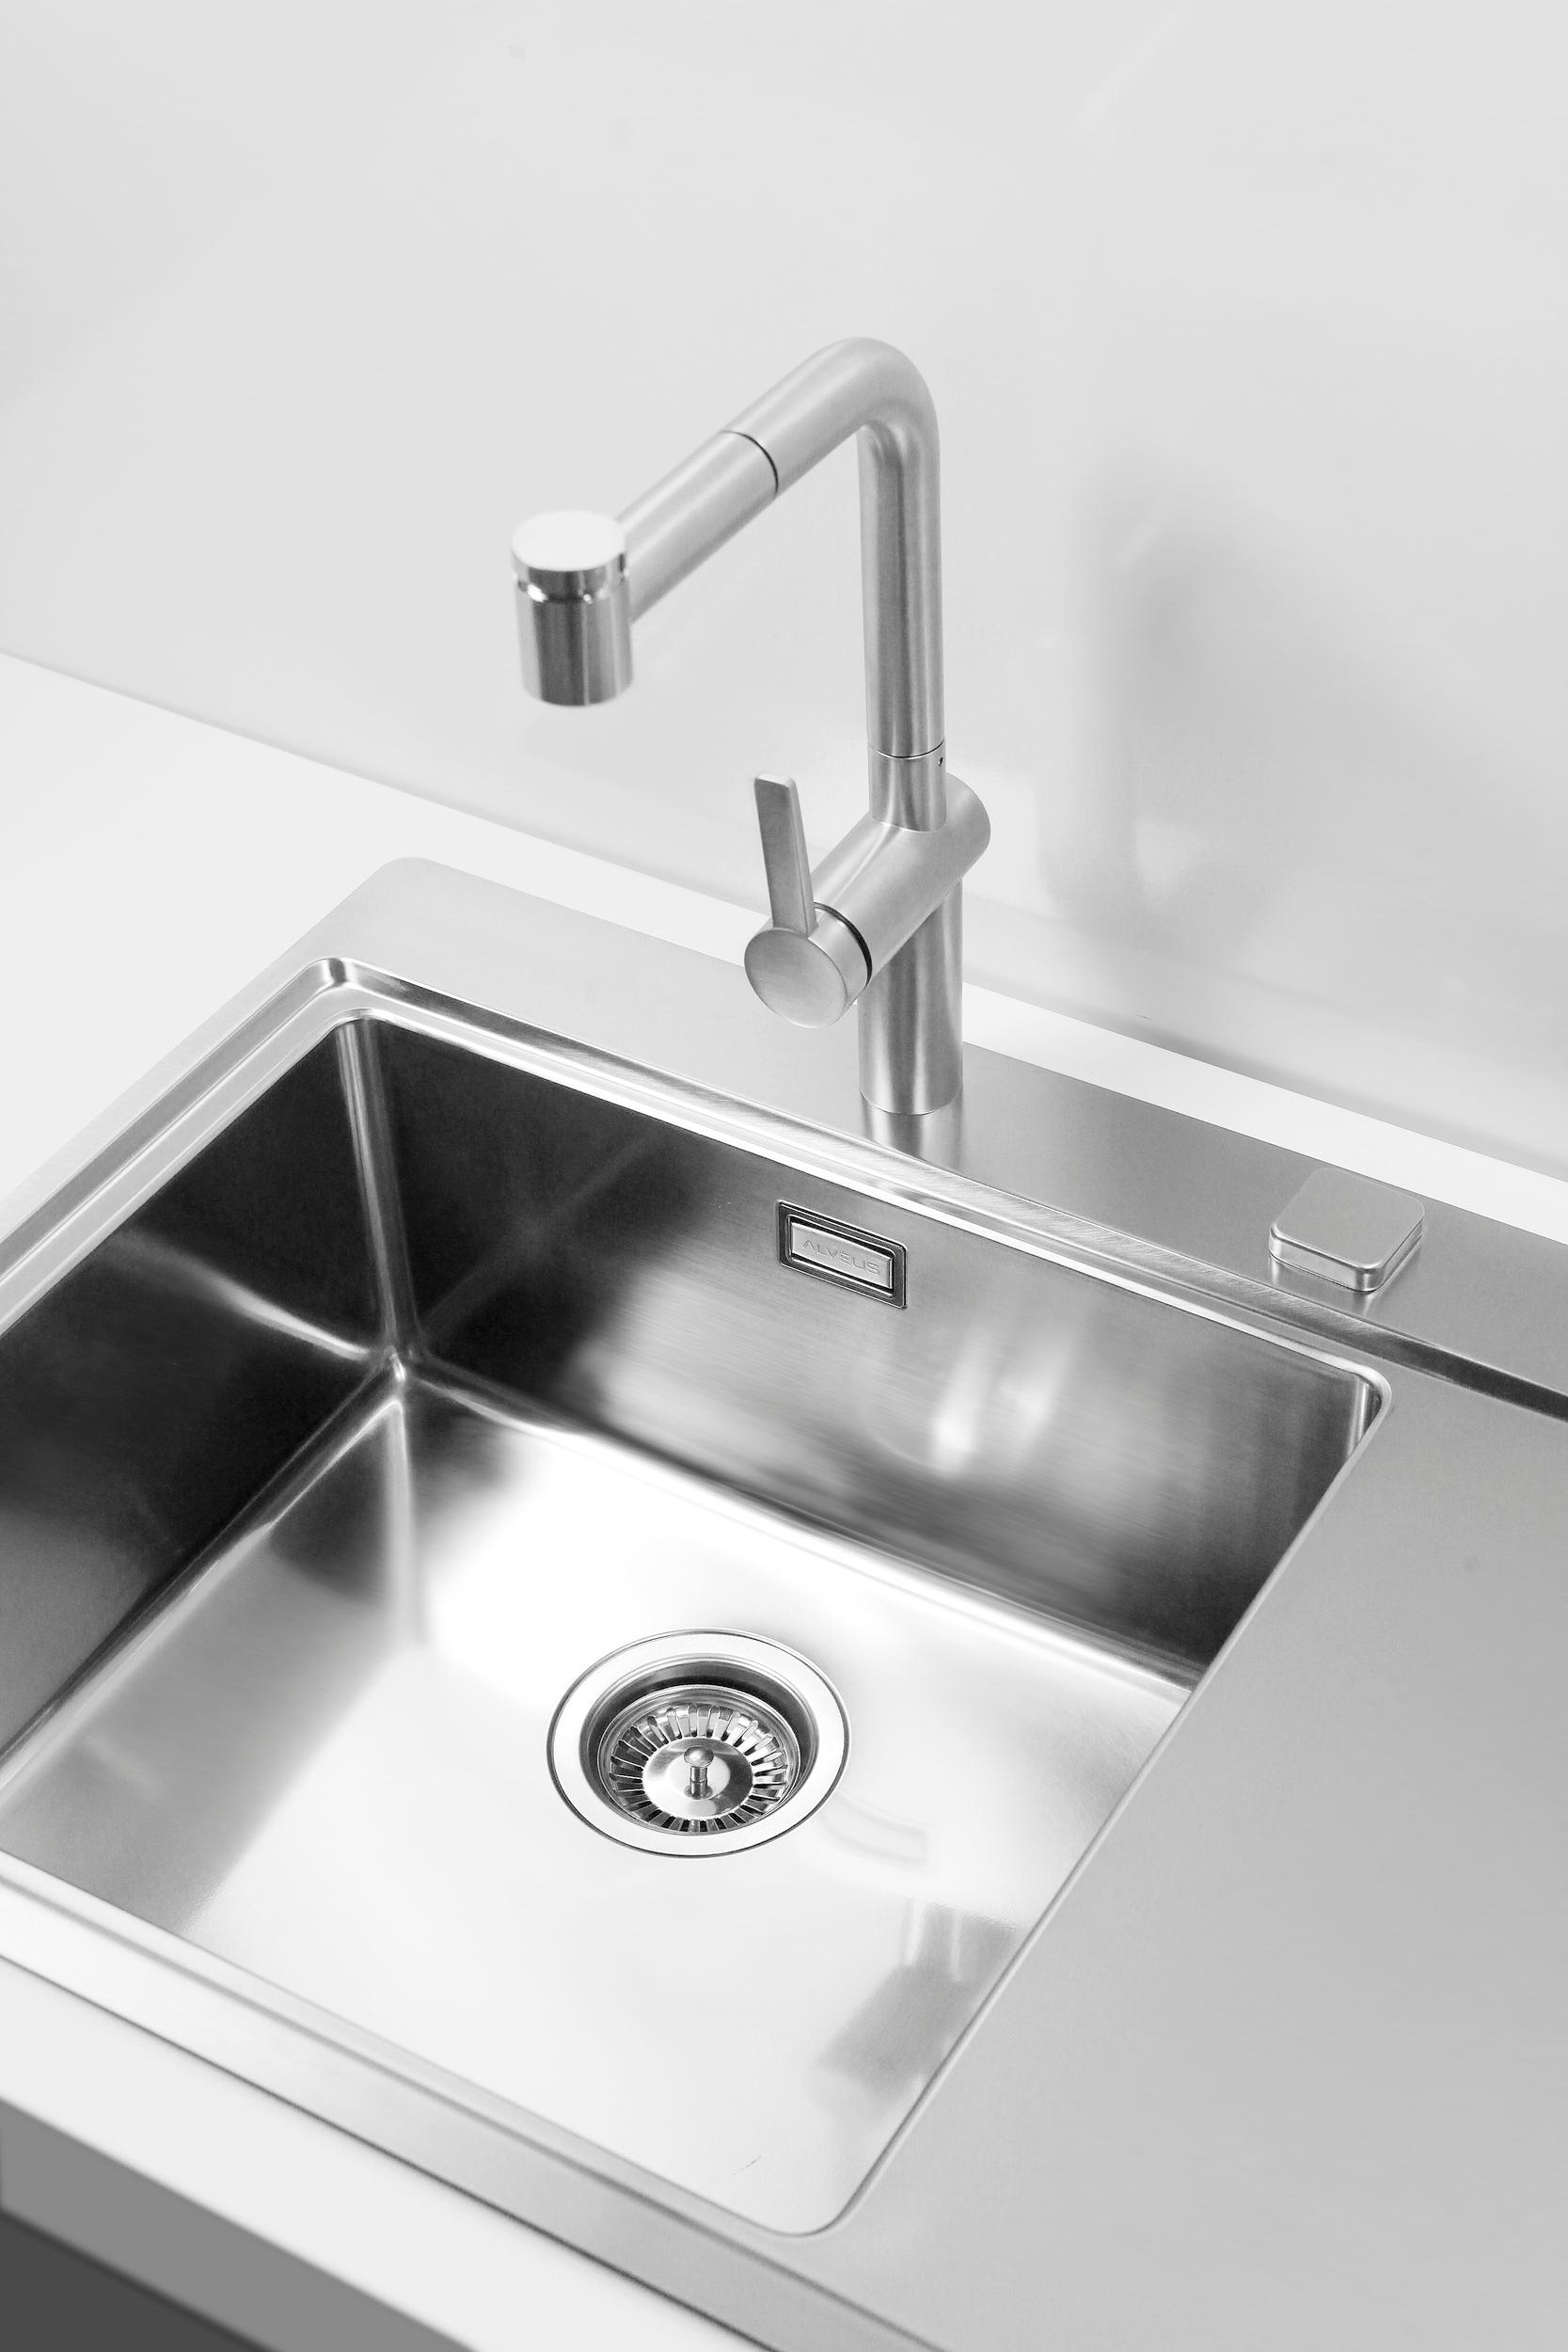 Nett Küchenspüle Sichern Ideen - Ideen Für Die Küche Dekoration ...